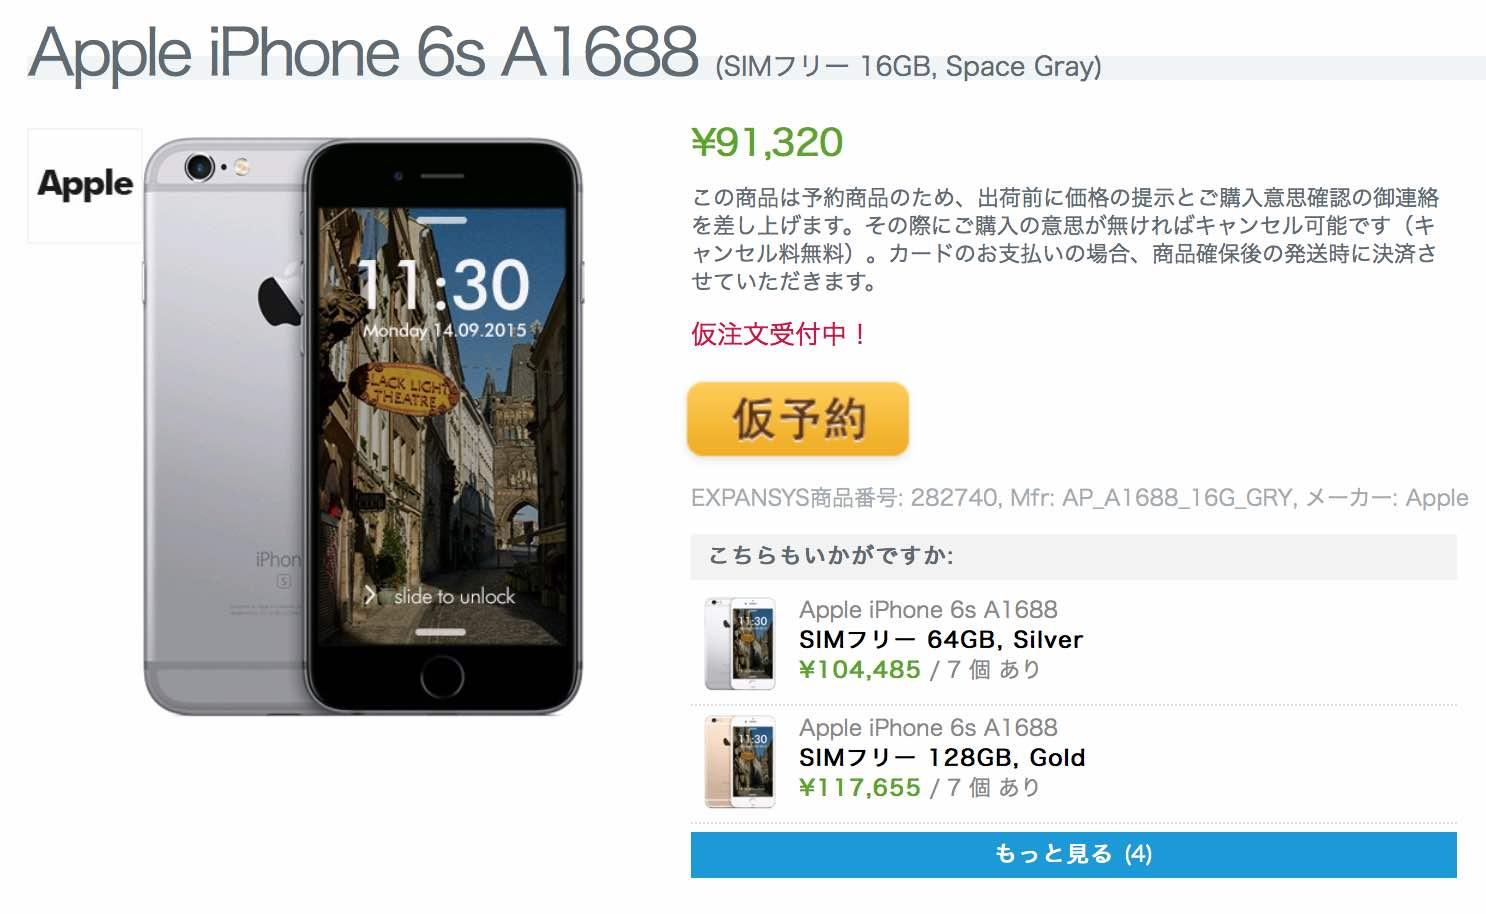 エクスパンシス、iPhone 6sを値下げ(16GBモデルは91,320円に)